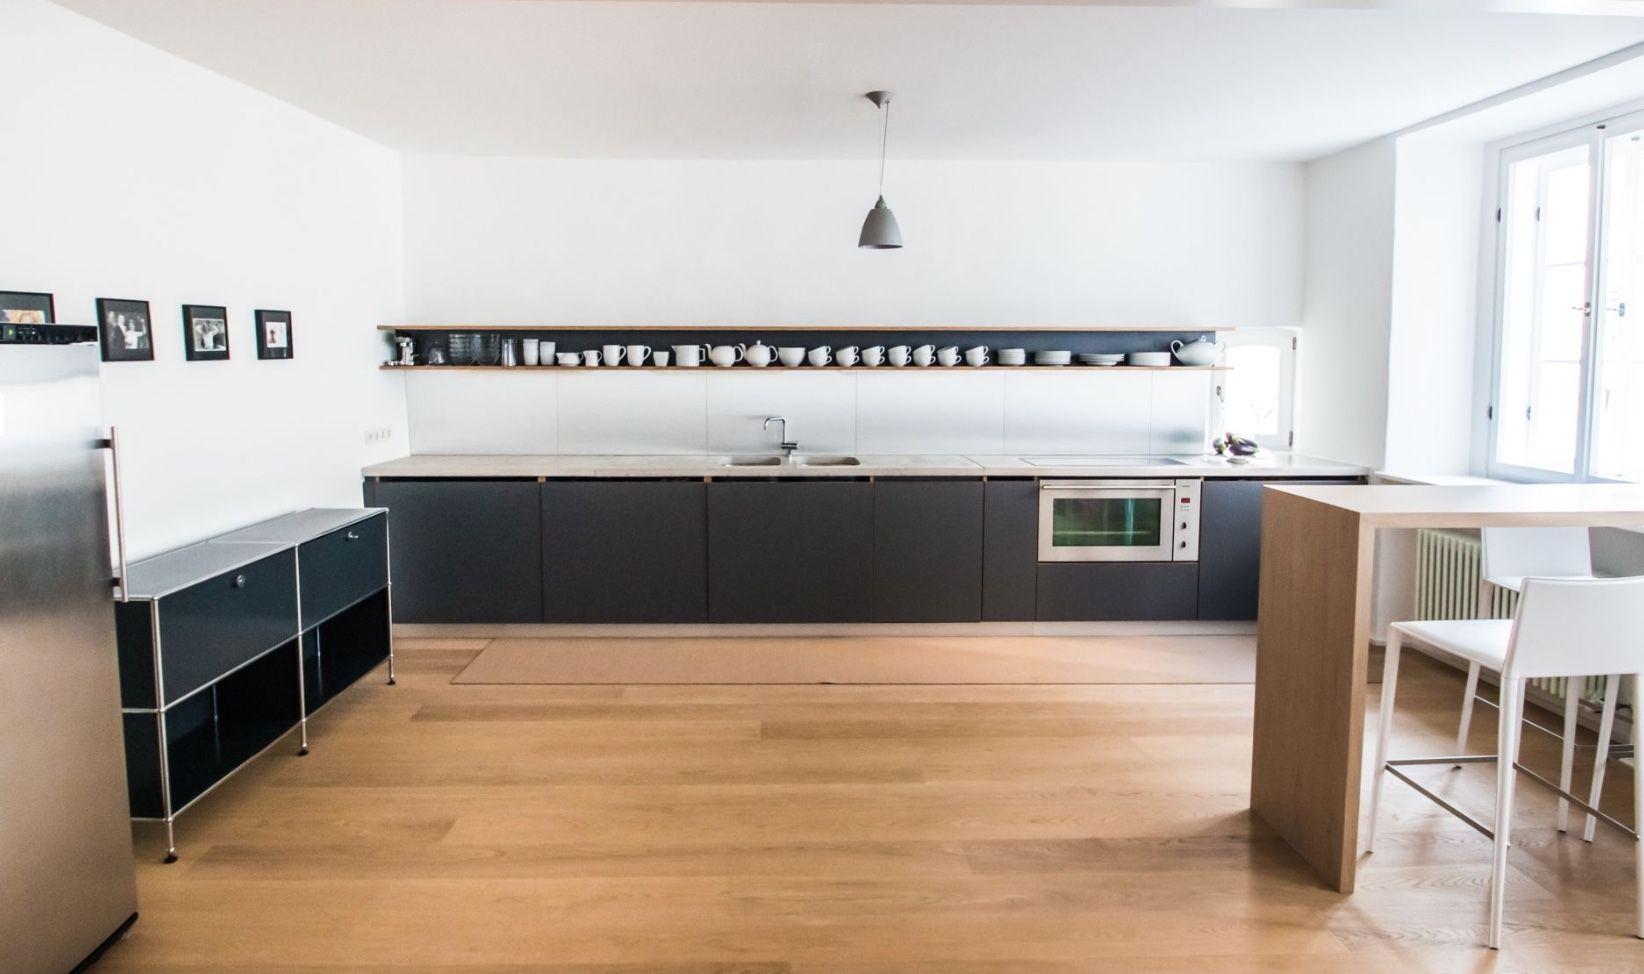 Pin by a+ architektur und design on café küche restaurant - kitchen ...